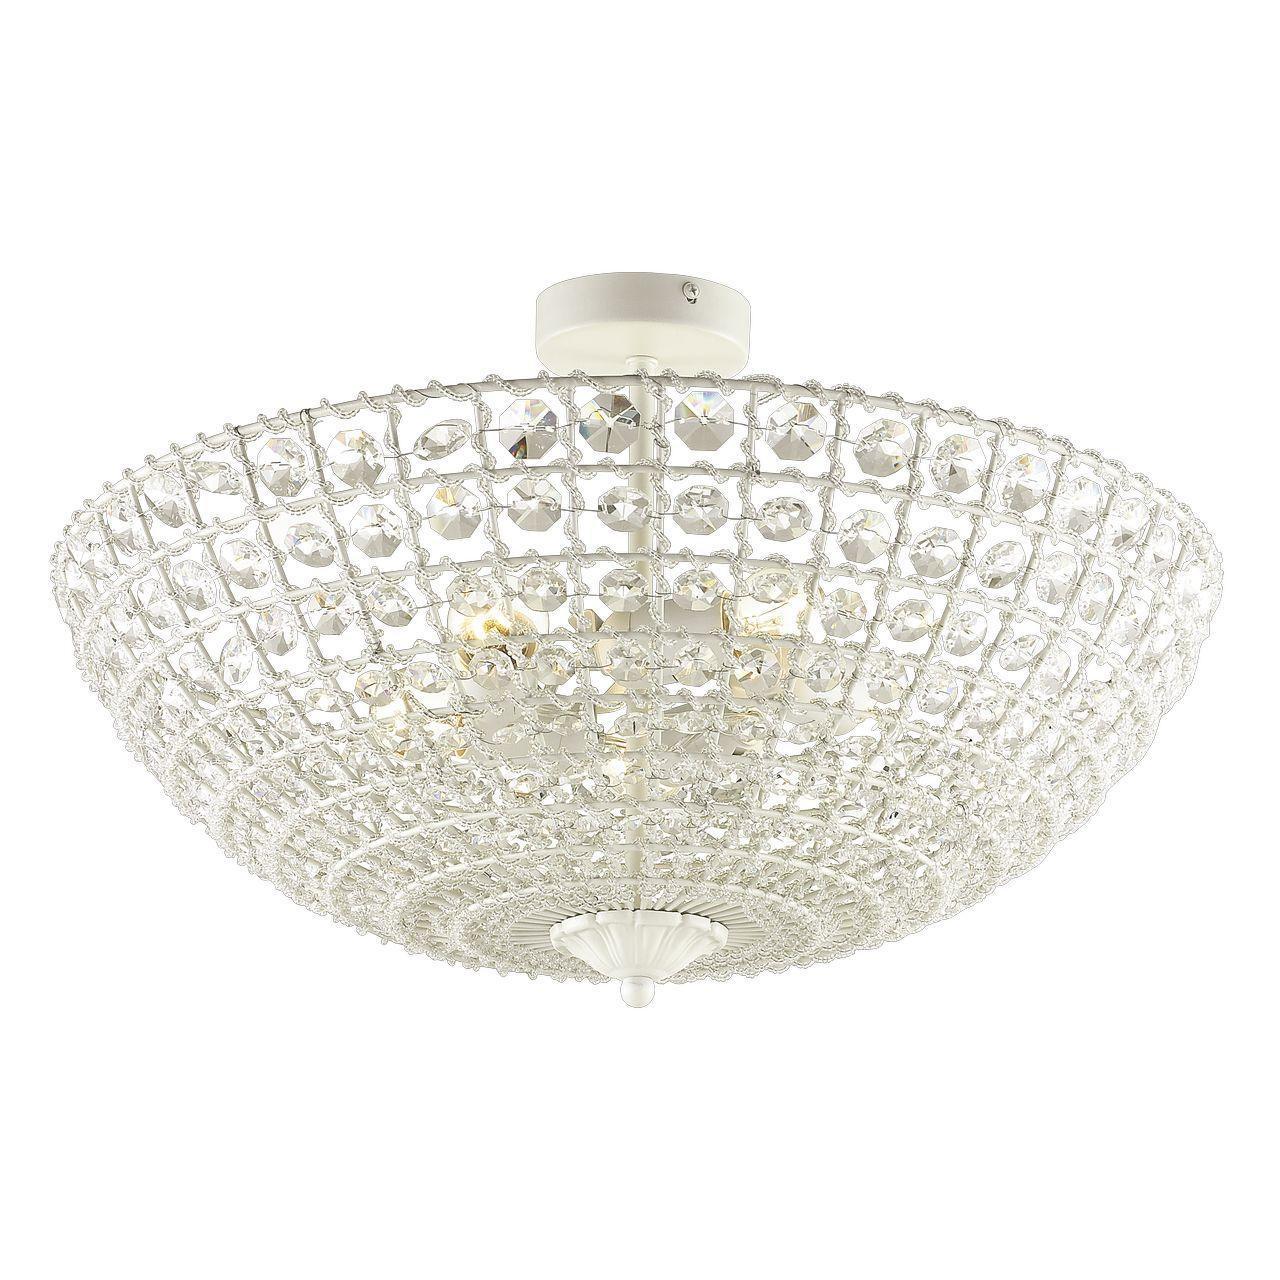 Потолочный светильник светильник Favourite Splendor 1945-5U потолочный светодиодный светильник favourite teaser 2119 5u